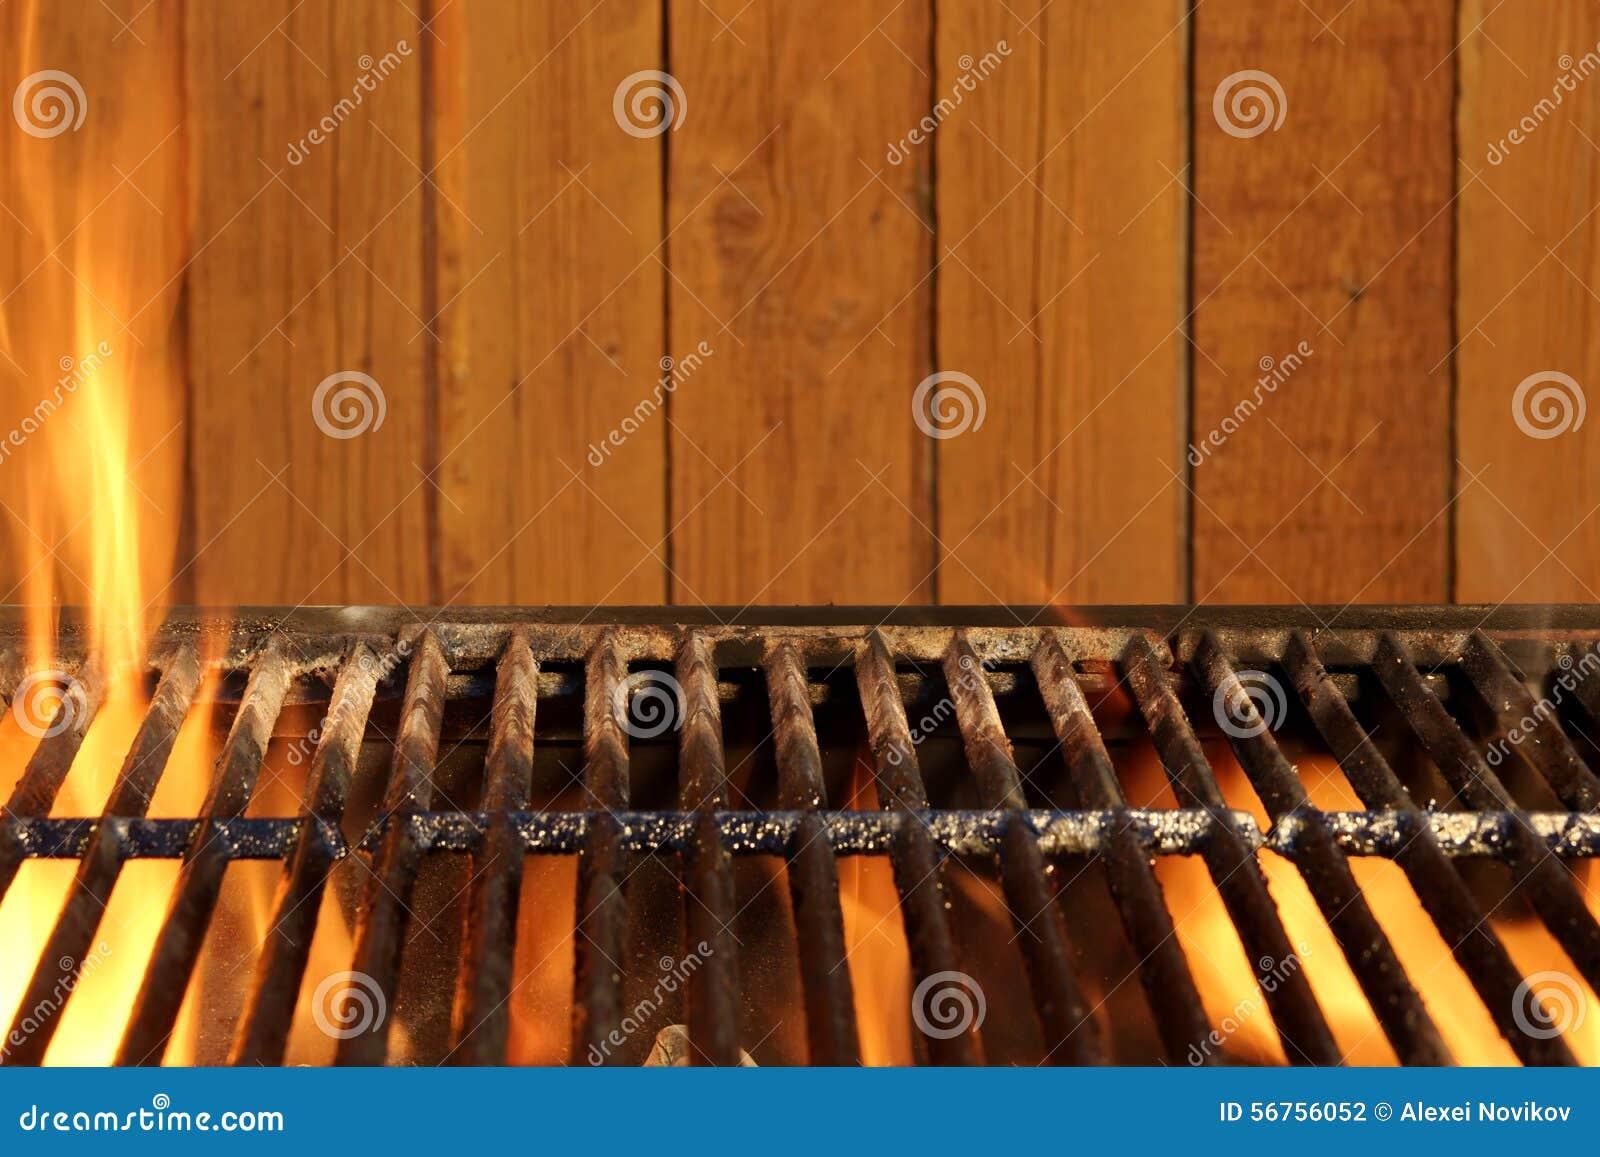 leerer lodernder grill bbq und holz-wand im hintergrund stockfoto